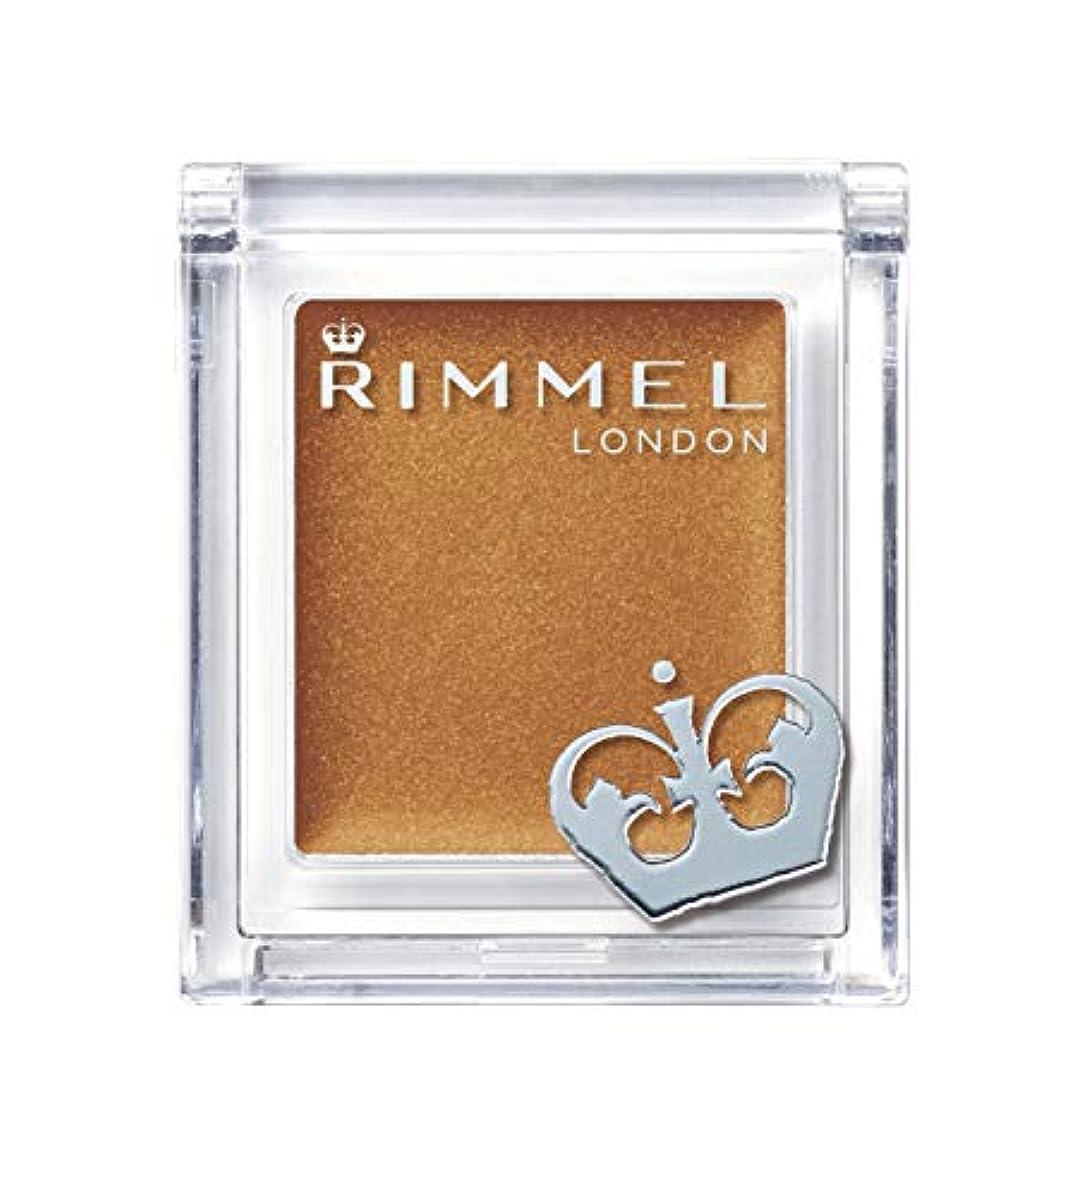 知性放課後対称Rimmel (リンメル) リンメル プリズム クリームアイカラー 013 テラコッタゴールド 2.0g アイシャドウ 2g